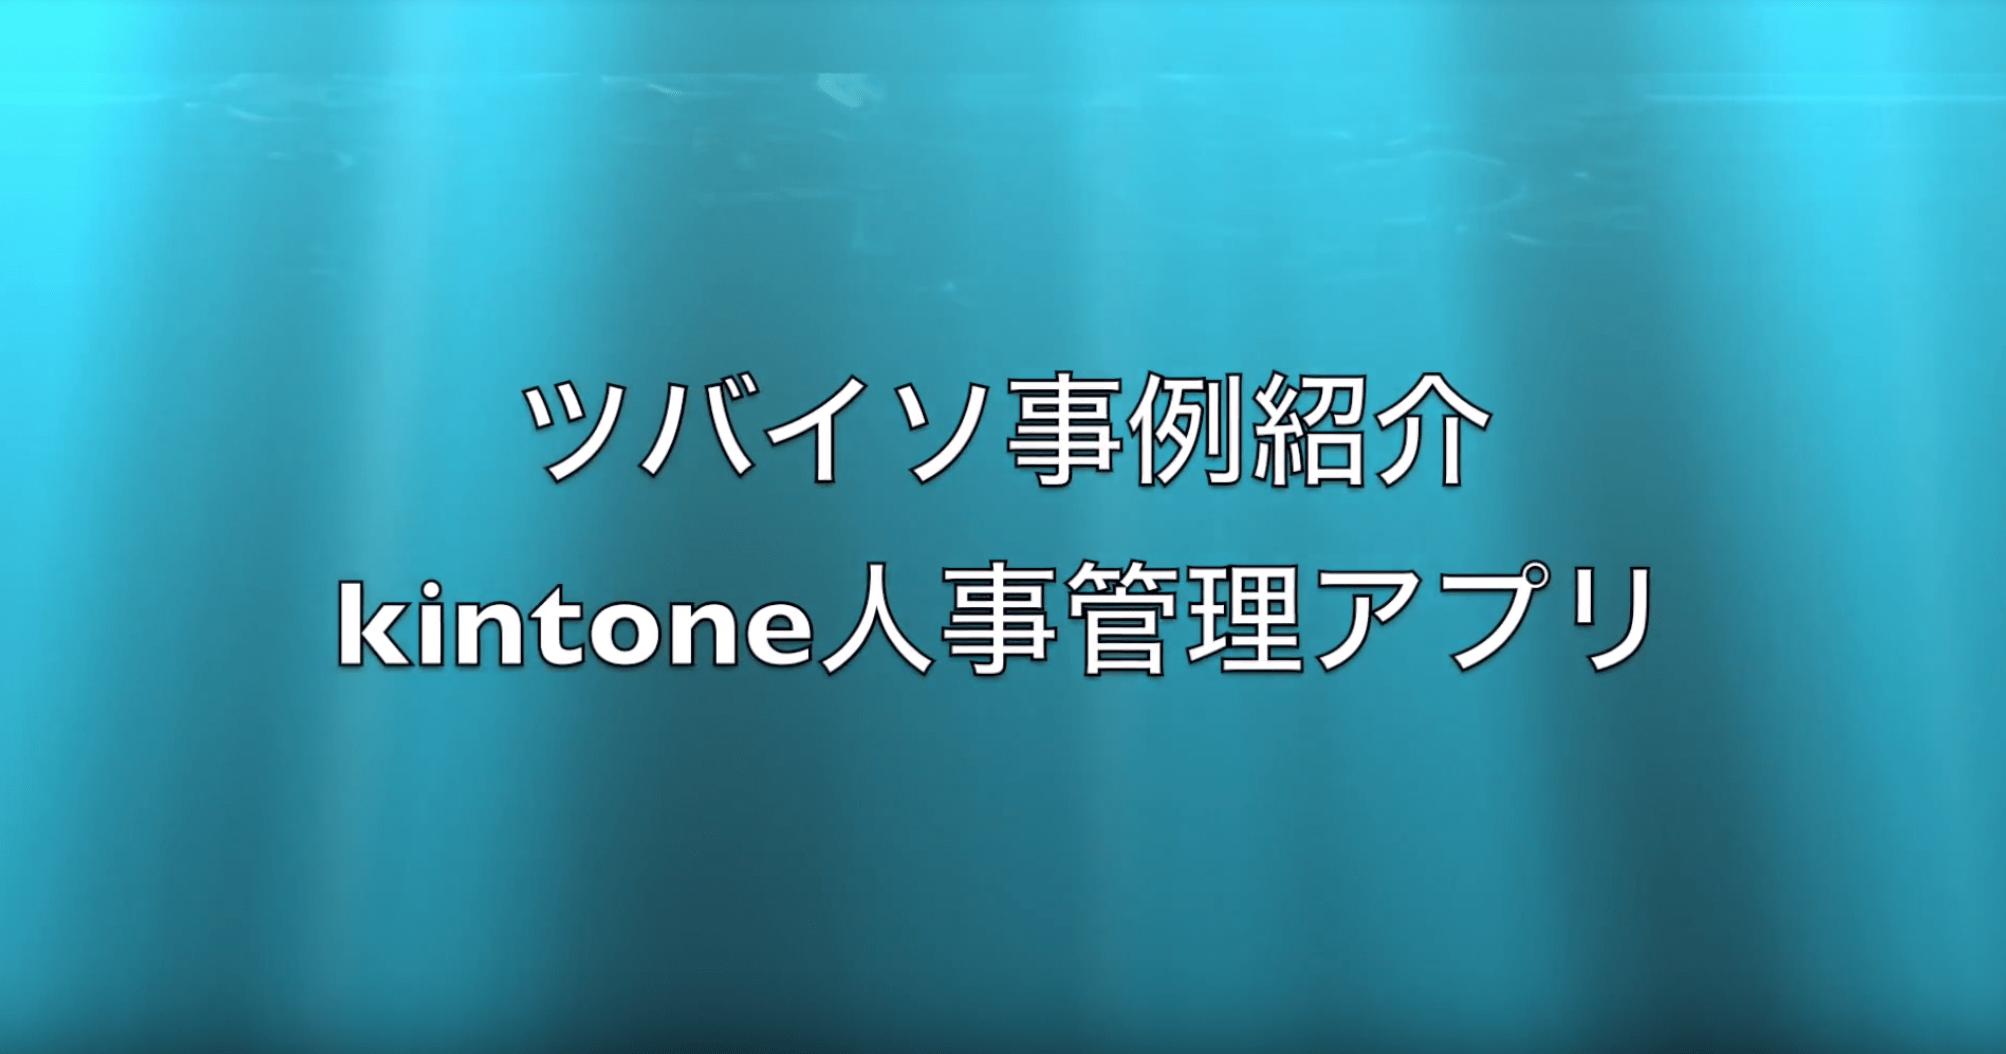 APIでツバイソERPをカスタマイズ。「kintoneで人事プロセスを最適化 Vol.2」